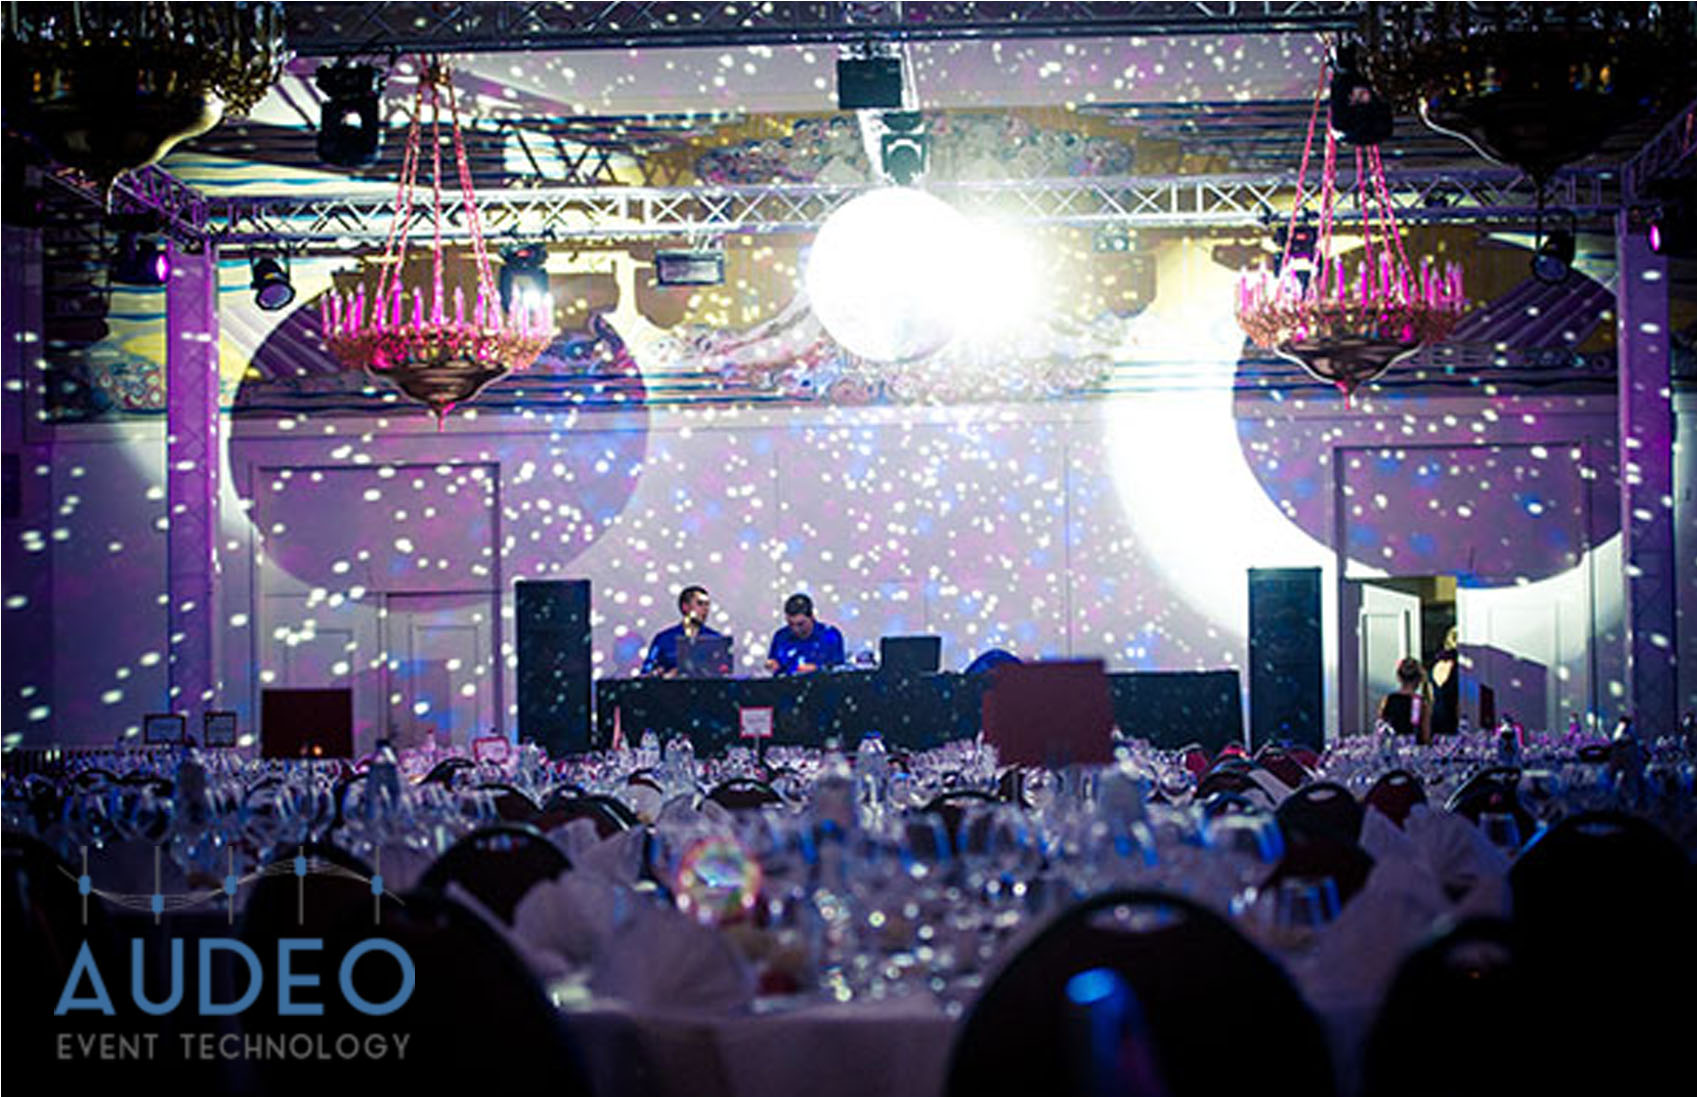 kwakoo-event-publication-news-audeo-event-technology